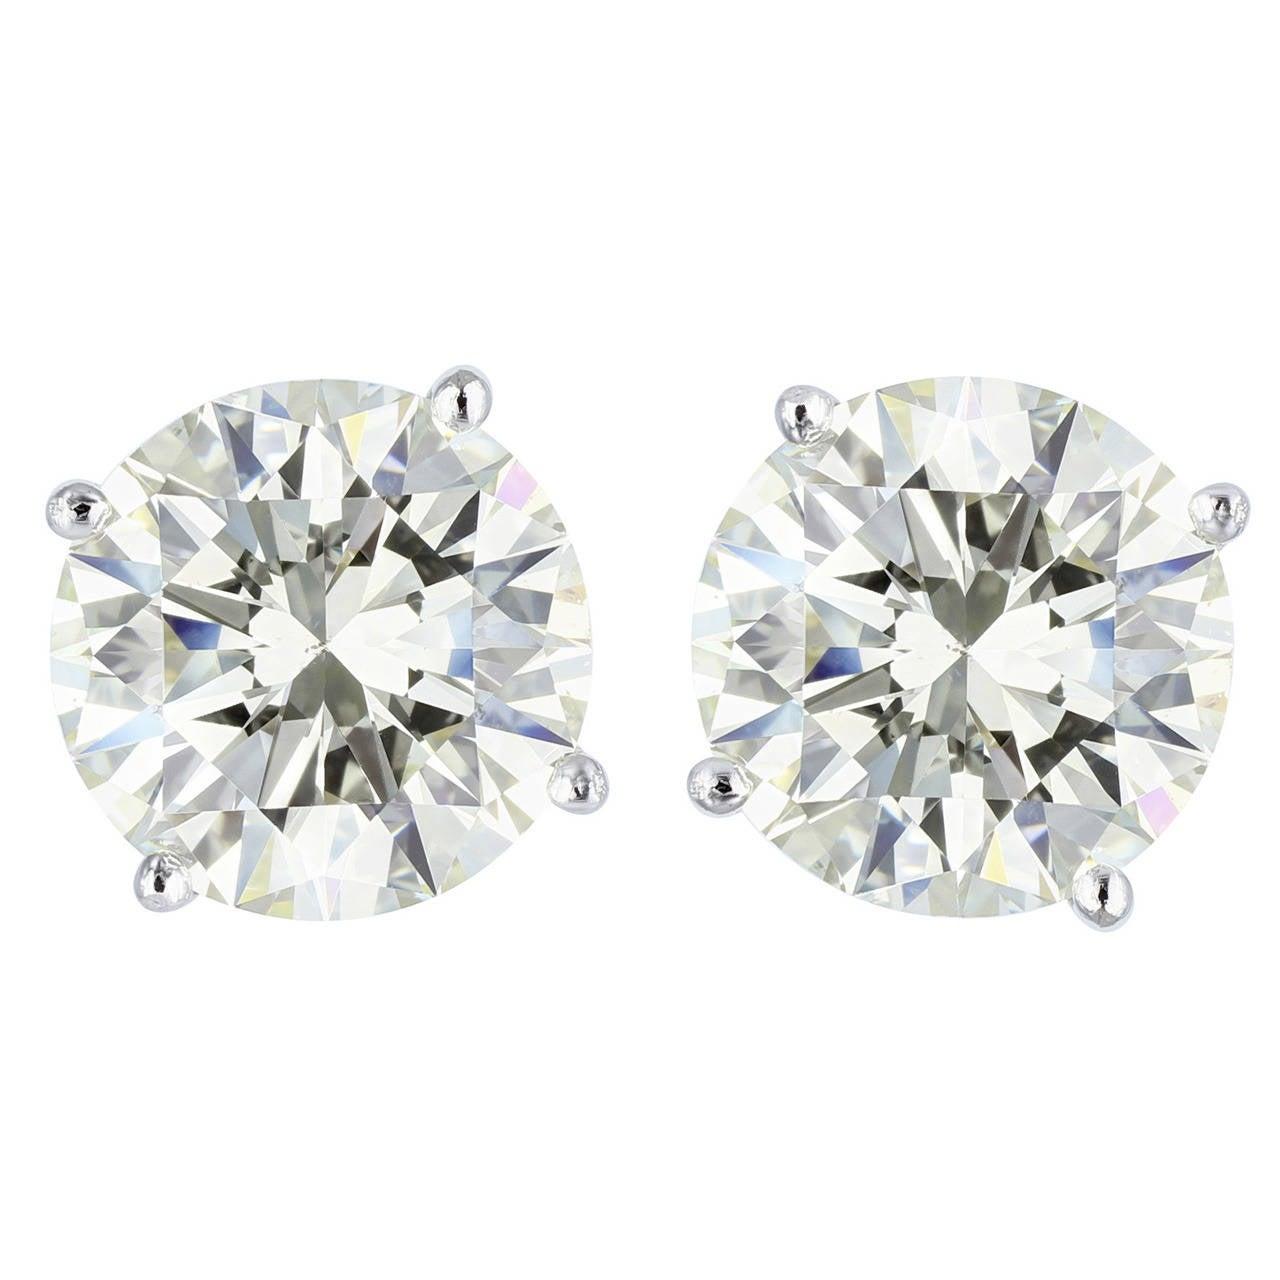 10.08 Carat GIA Cert Diamond Gold Stud Earrings For Sale